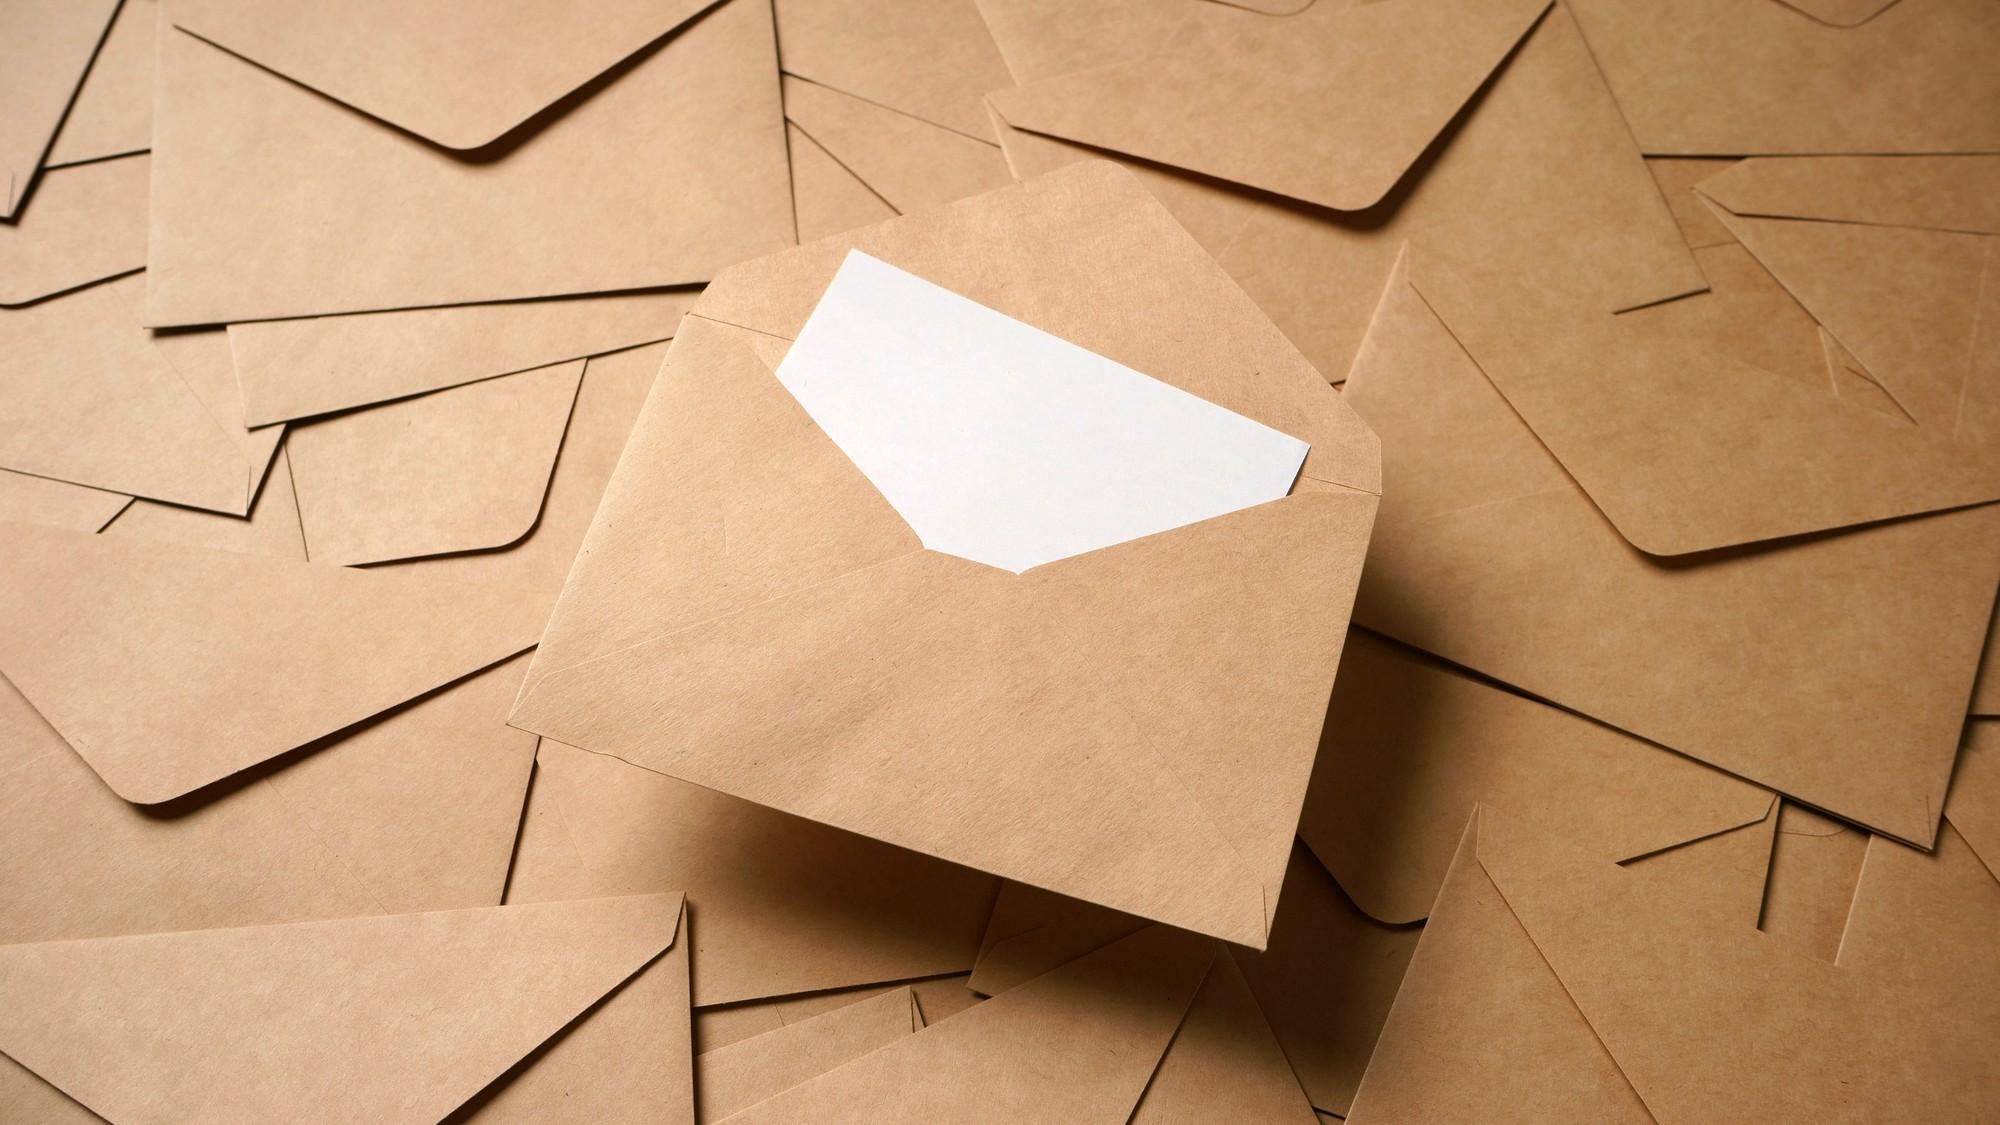 なぜ「不動産を相続」したら「ダイレクトメール」が届くのか?